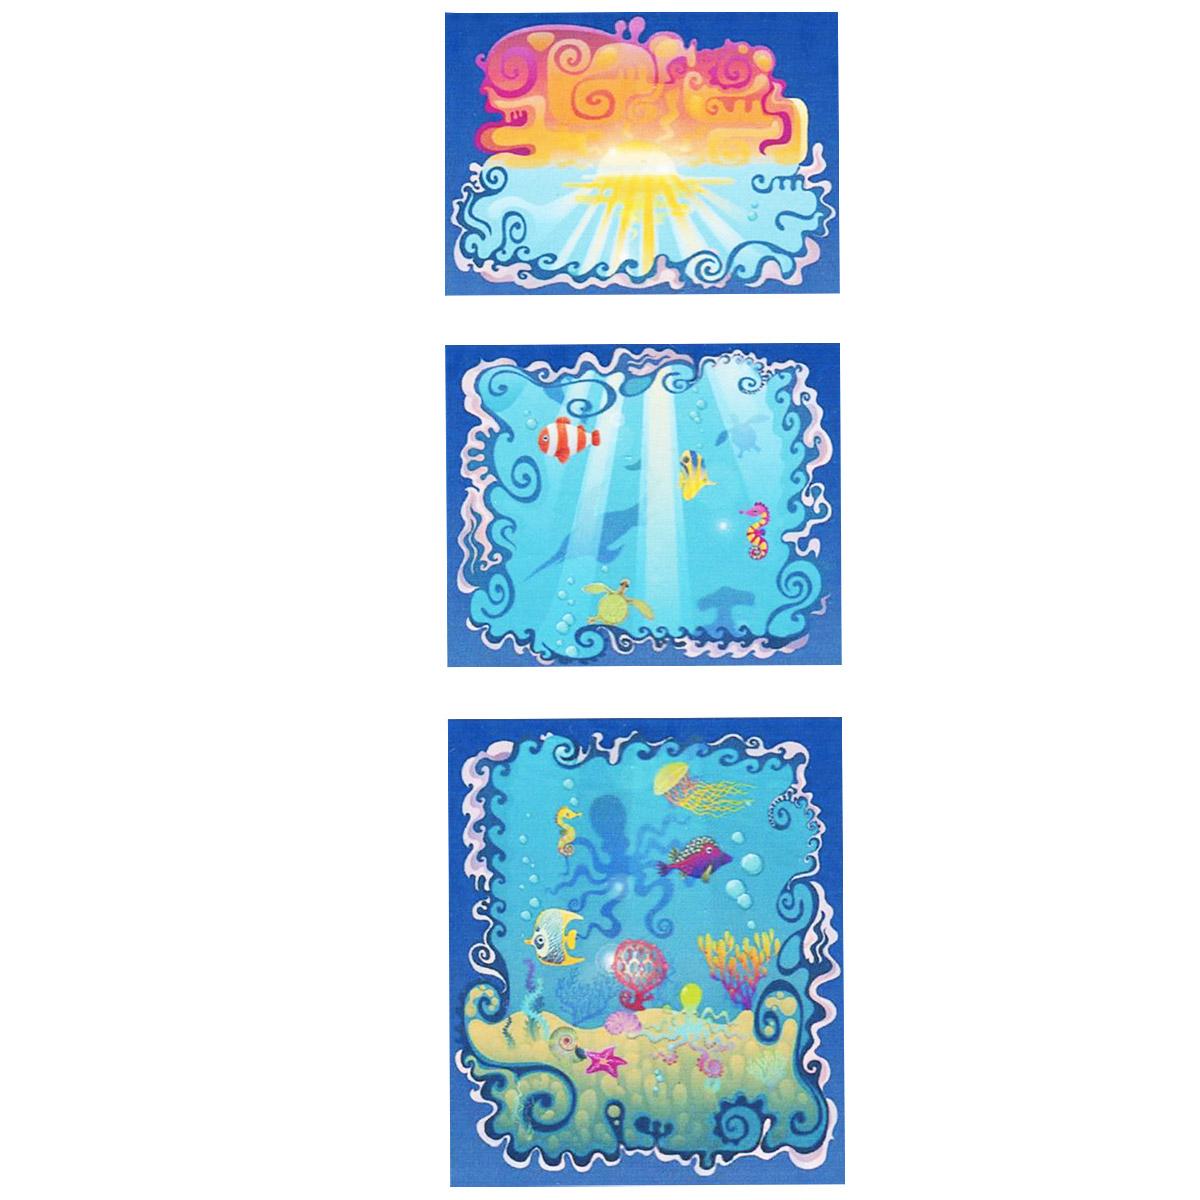 Модульная картина на холсте КвикДекор Тайны моря, 55 см х 156 смPM-3003Модульная картина на холсте КвикДекор Тайны моря - это прекрасное решение для декора помещения. Картина состоит из трех частей (модулей) разного размера, объединенных общей тематикой. Изображение переходит из одного модуля в другой. Модули вешаются на расстоянии 2-3 см друг от друга.Латексная печать (без запаха) на натуральном х/б холсте, галерейная натяжка на деревянные подрамники из высококачественной сосны. Такая картина будет потрясающе смотреться в детской комнате. Она привнесет в интерьер яркий акцент и сделает обстановку комфортной и уютной. Яркие краски и интересное оформление обязательно понравятся вашему малышу. Картина в стрейч-пленке с защитными картонными уголками упакована в гофрокоробку с термоусадкой. Размер модулей: 55 см х 40 см (1 шт); 55 см х 45 см (1 шт); 55 см х 65 см (1 шт). Количество модулей: 3 шт. Общий размер картины: 55 см х 156 см. Художник: Анна Морозова, Ольга Парфенова.